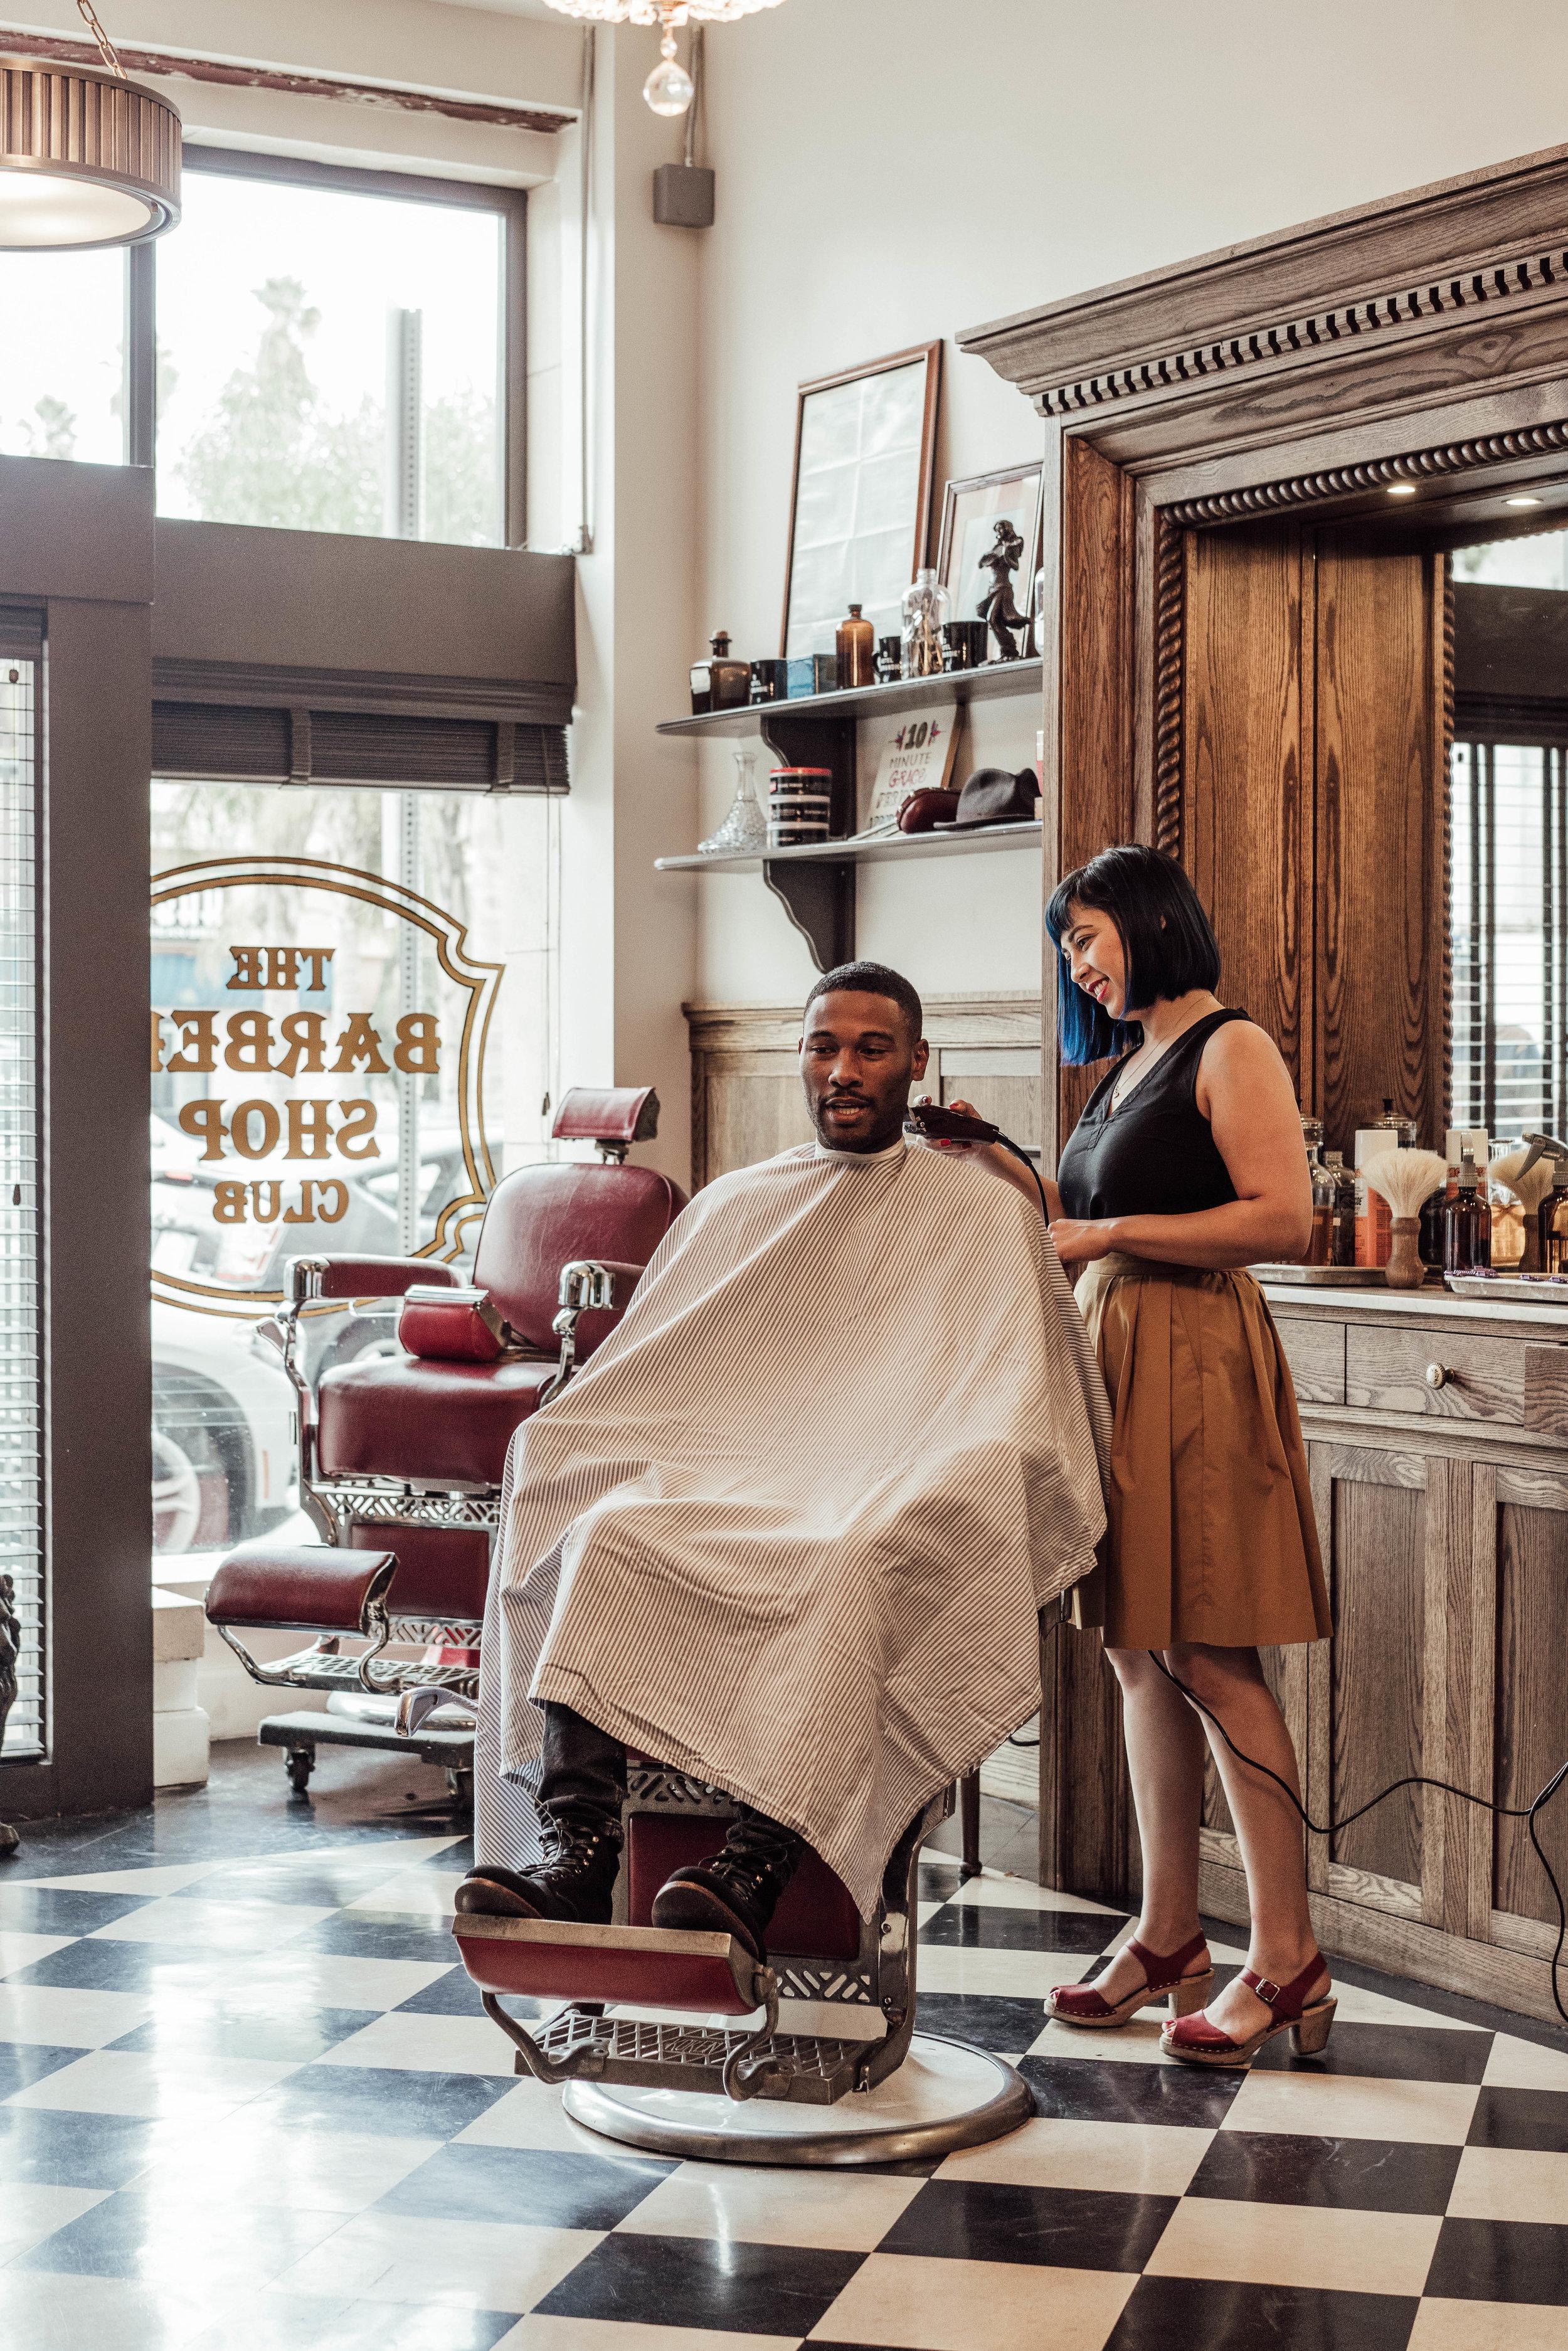 HN_Barbershop-59.jpg